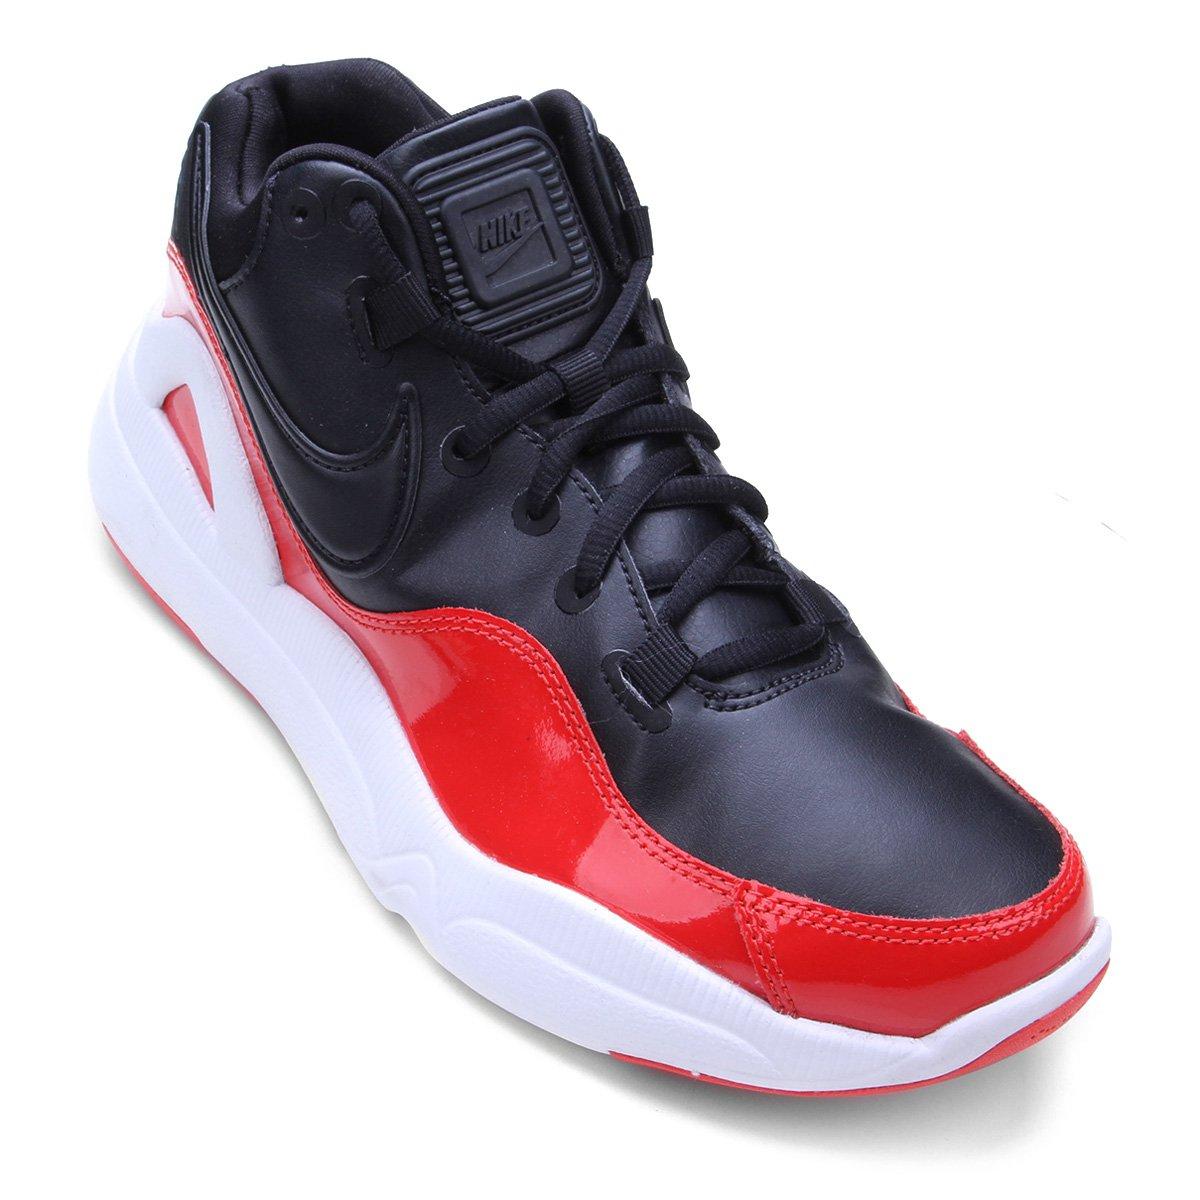 50d736ee3bc Tênis Nike Dilatta Premium Masculino - Preto e Vermelho - Compre Agora